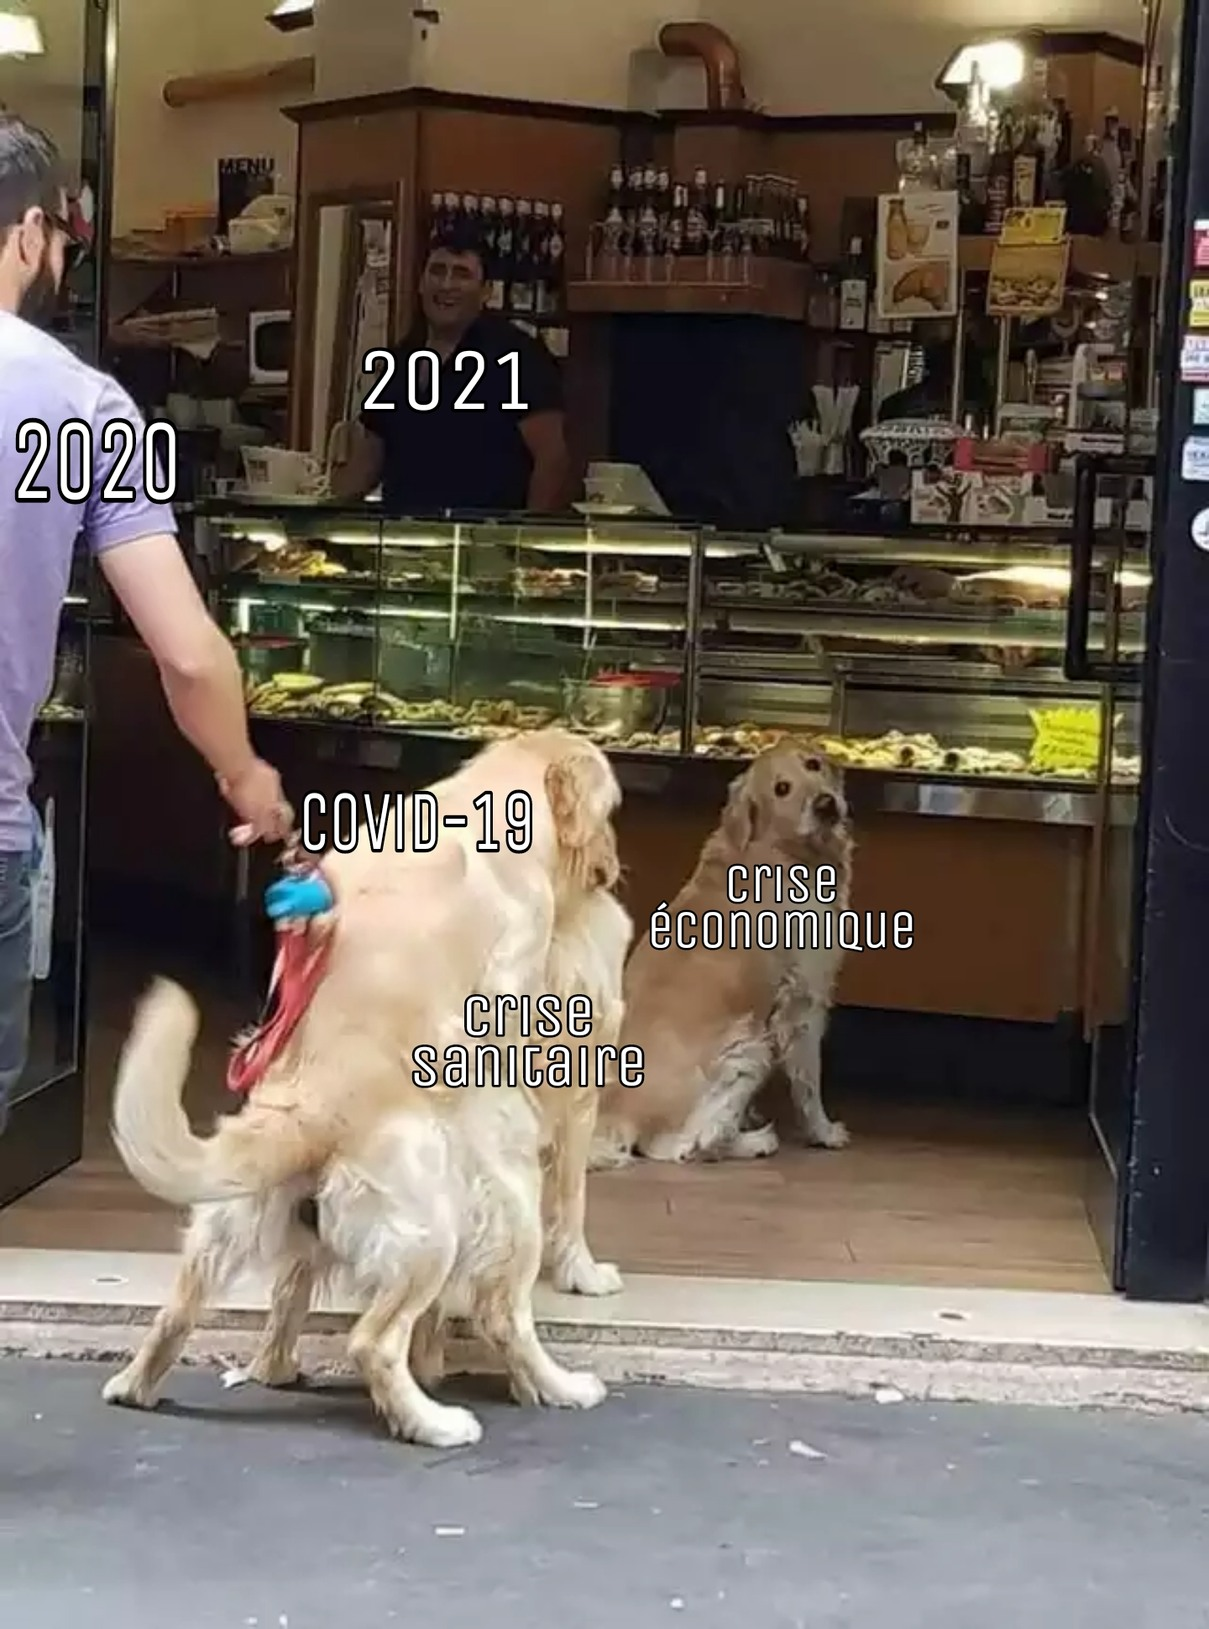 La vie est une chienne - meme